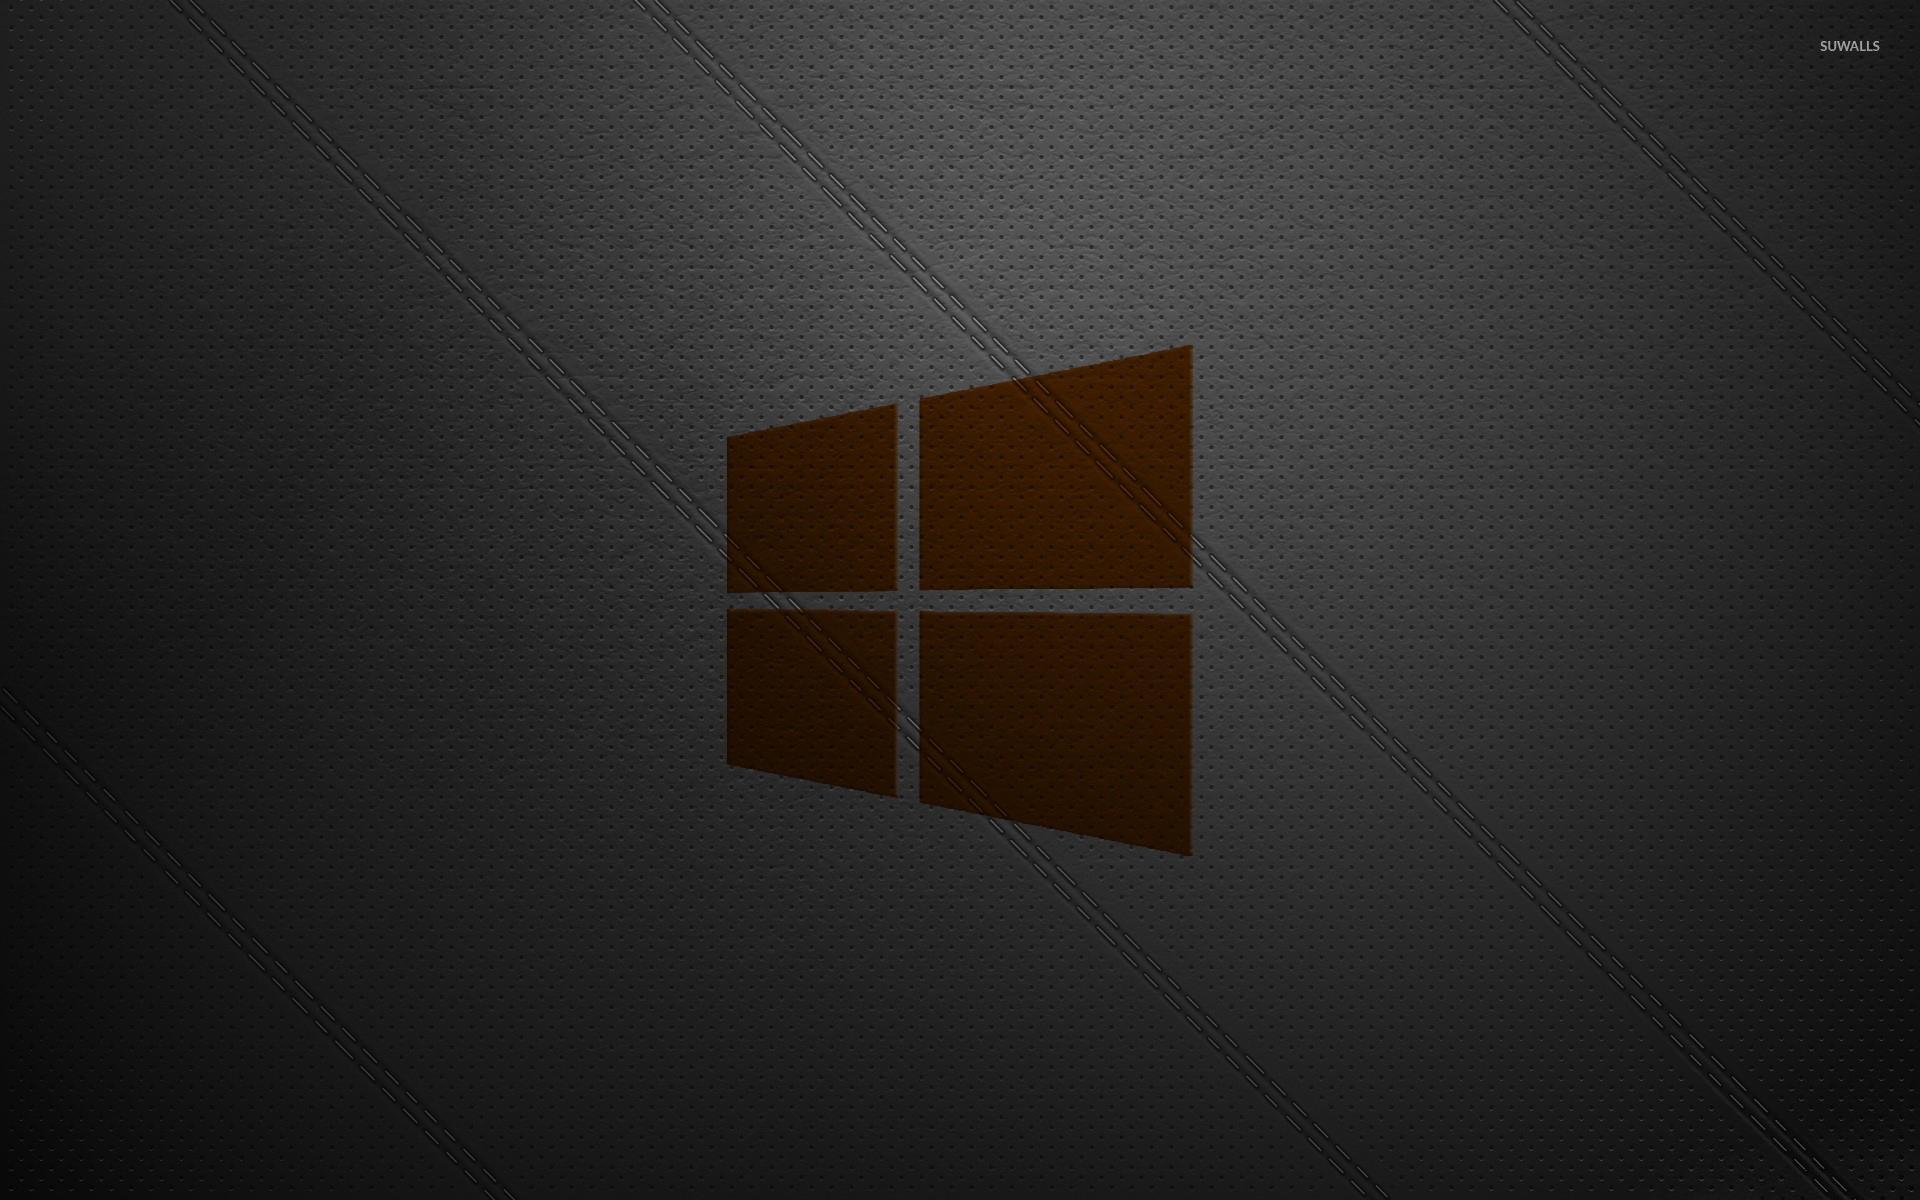 Windows 10 wallpaper 1680x1050 1680x1050